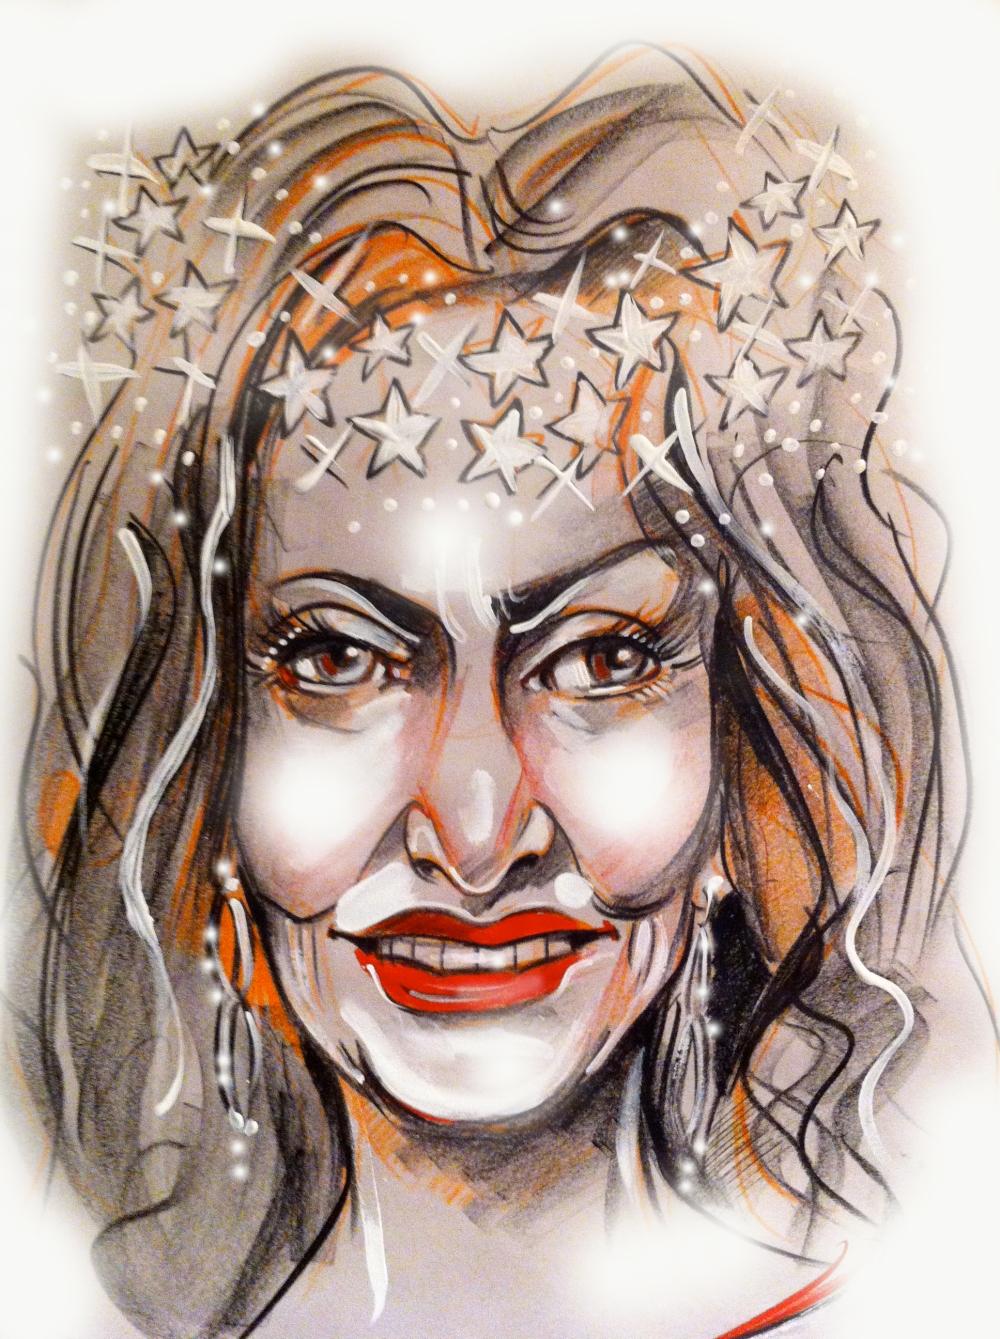 5. Dec 5 Diane Von Furstenburg